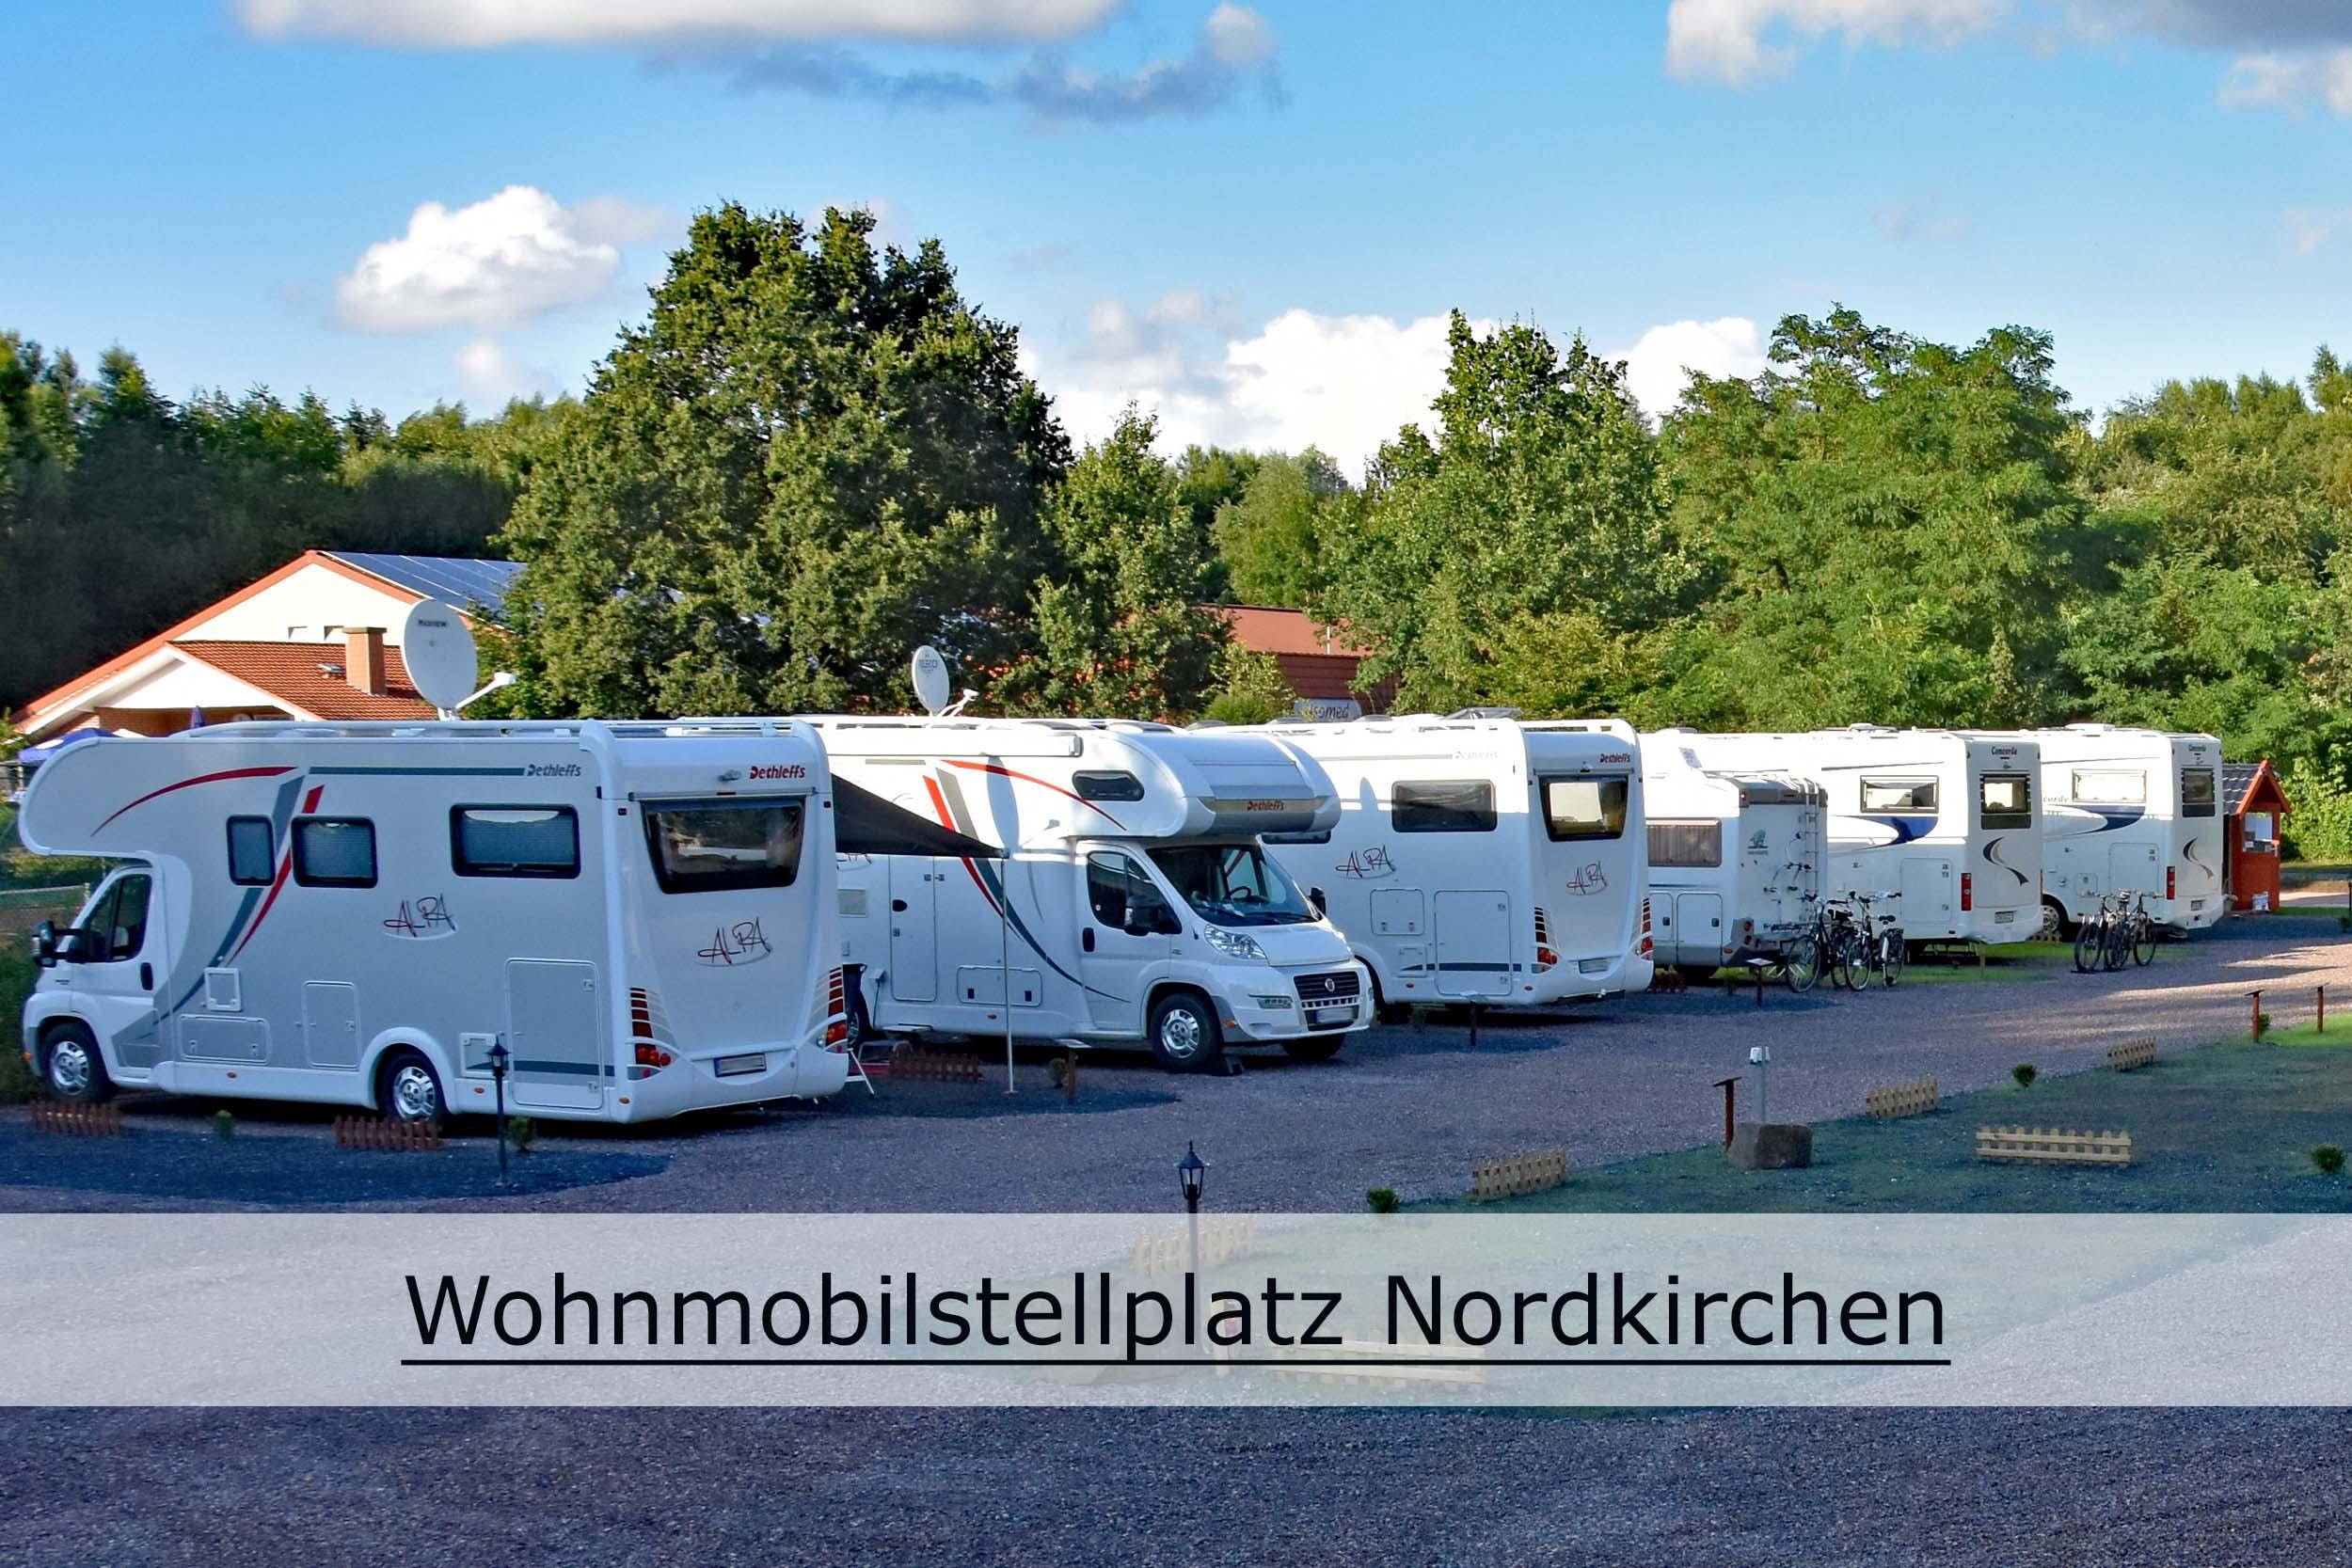 Wohnmobilstellplatz Nordkirchen